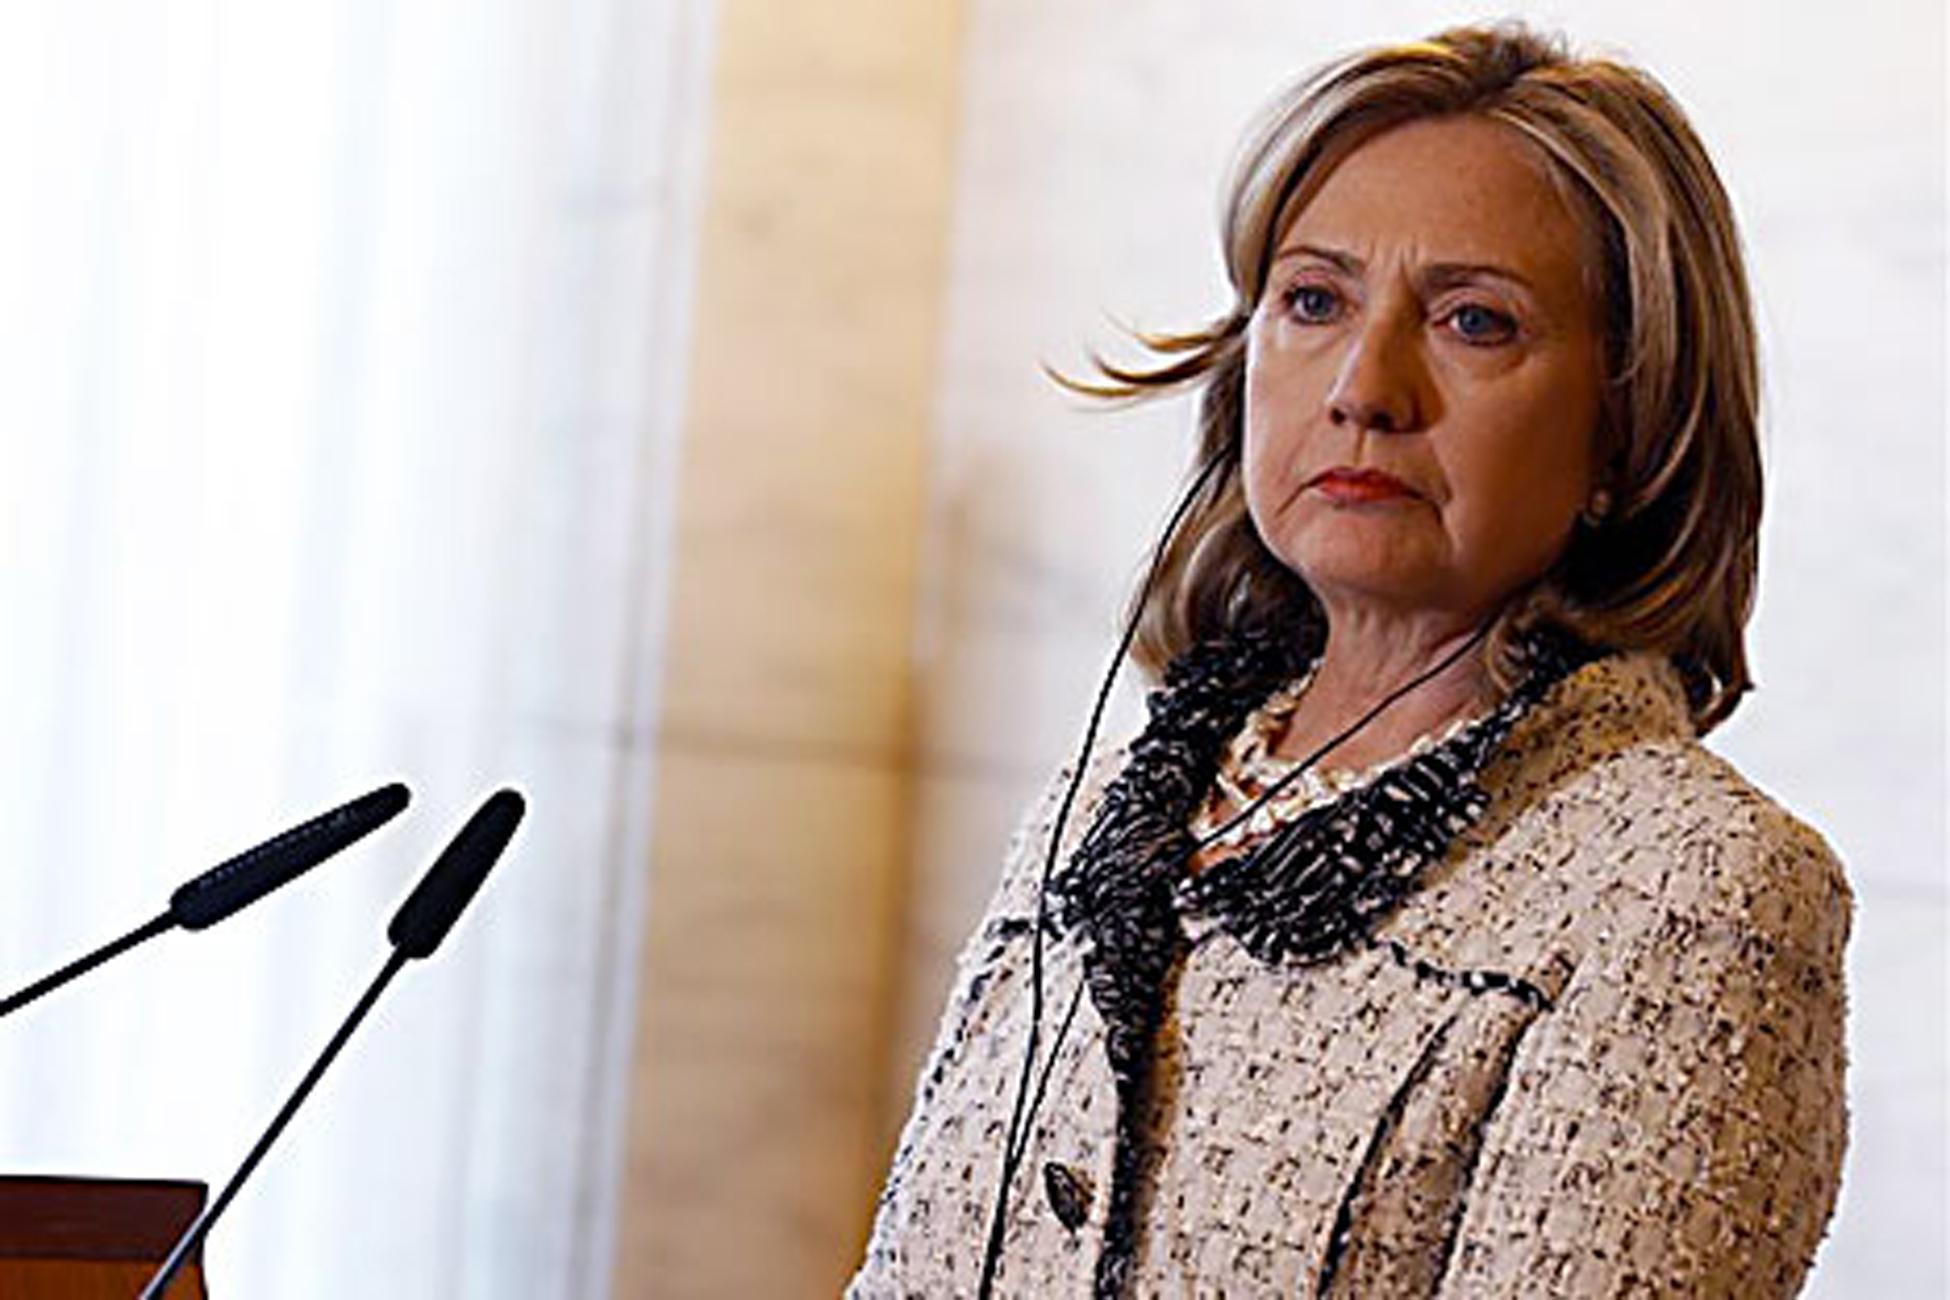 """""""Bukan Vladimir Putin yang menyuruh Hillary Clinton menggunakan akun surel pribadi untuk urusan pemerintahan AS dan membagikan informasi rahasia melalui akun tersebut. Mereka mempermainkan dan mengintervensi kebijakan domestik,"""" papar Johnson."""